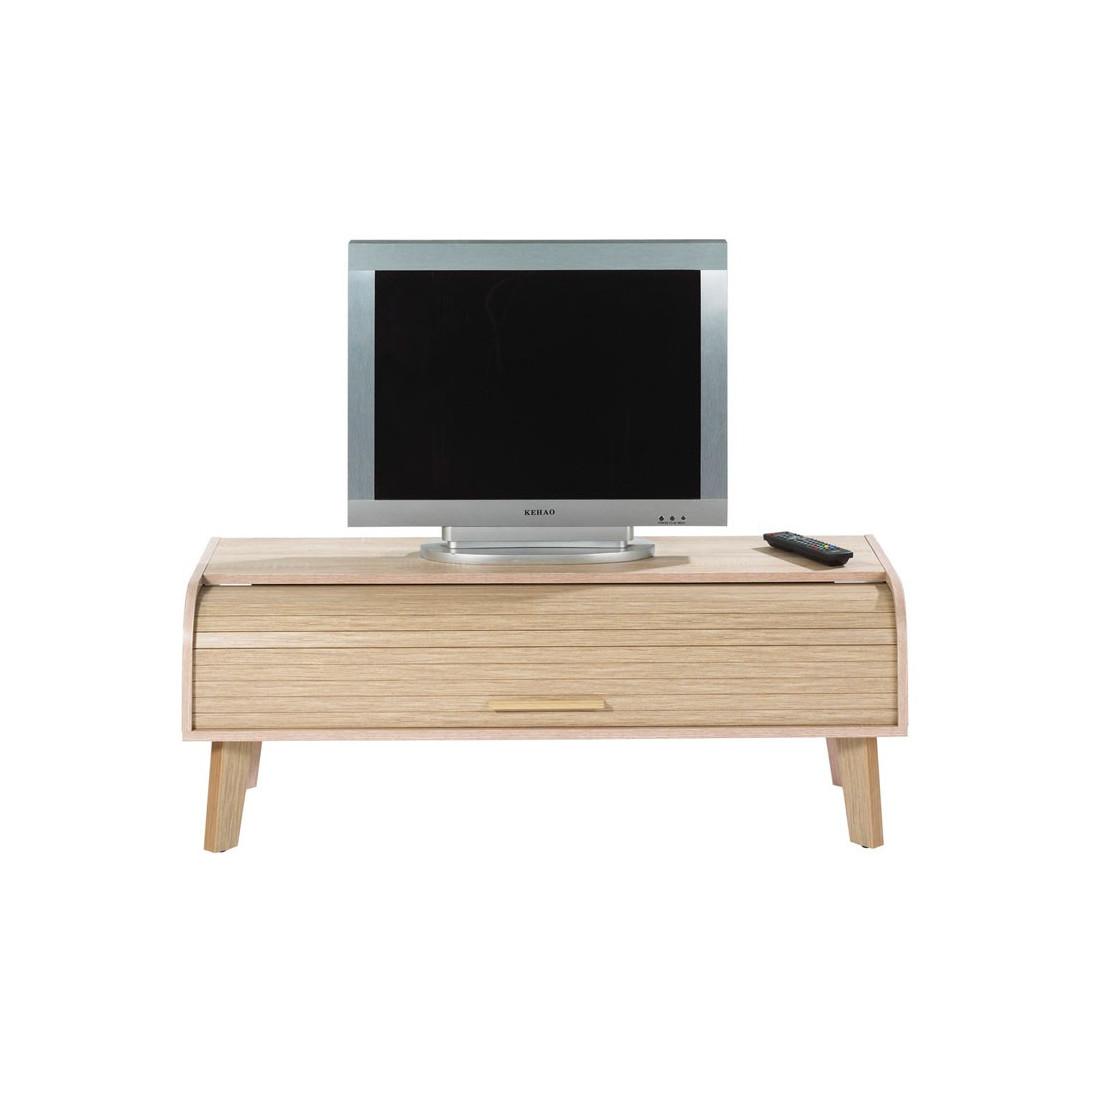 Meuble tv rideau en bois naturel uni arkos n 6 univers du salon - Meuble a rideau ...